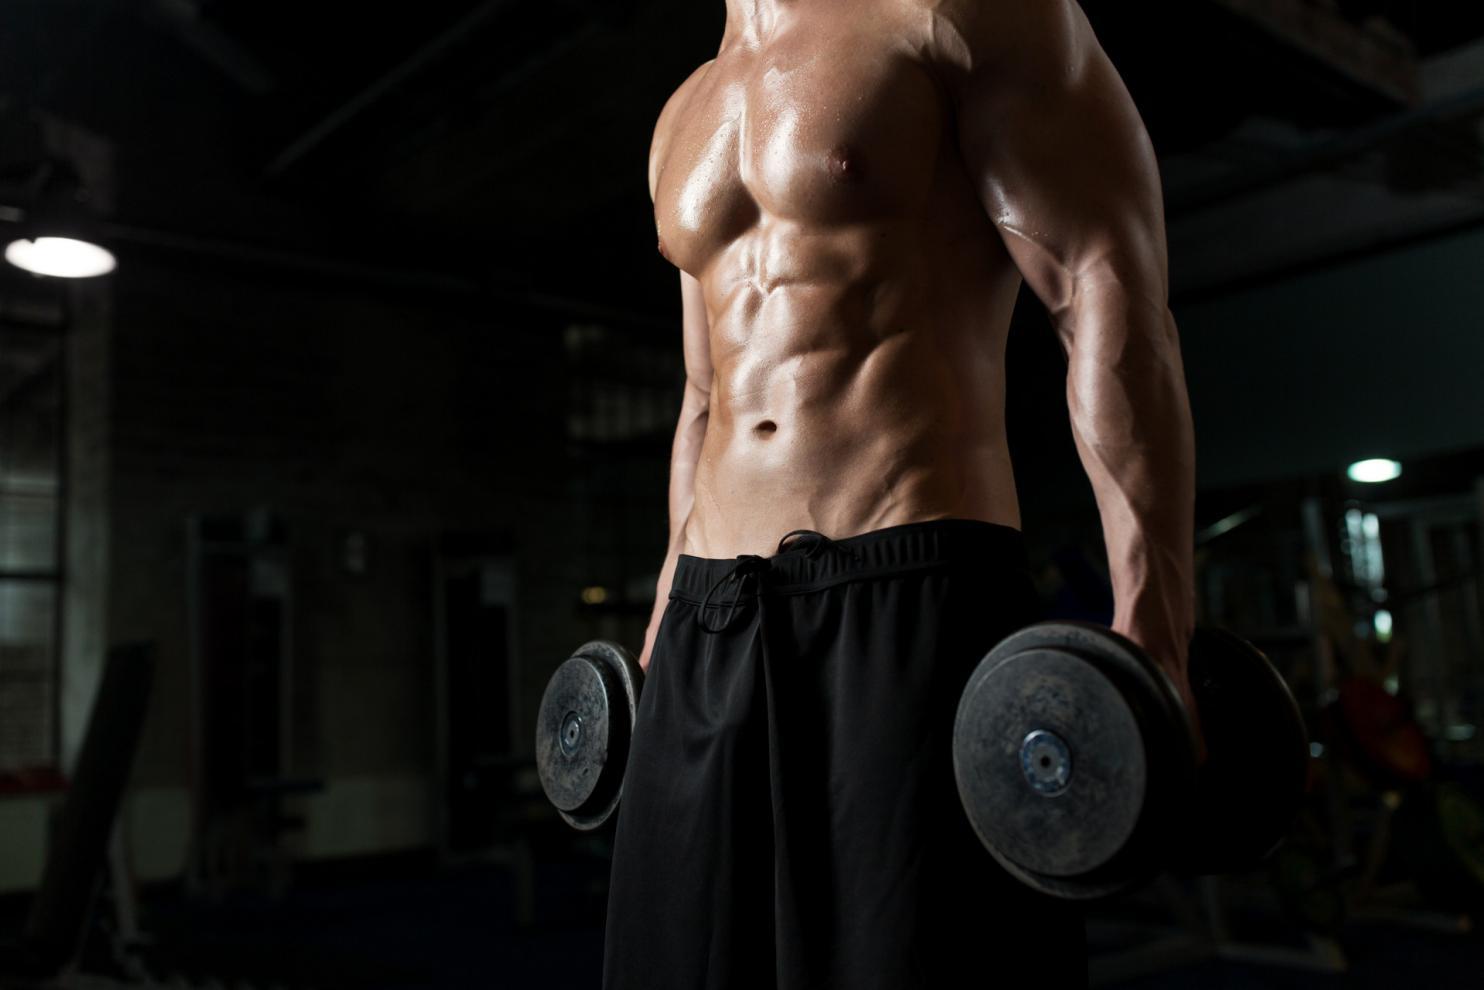 摄图网_300420904_banner_拿着哑铃锻炼的肌肉男(非企业商用)